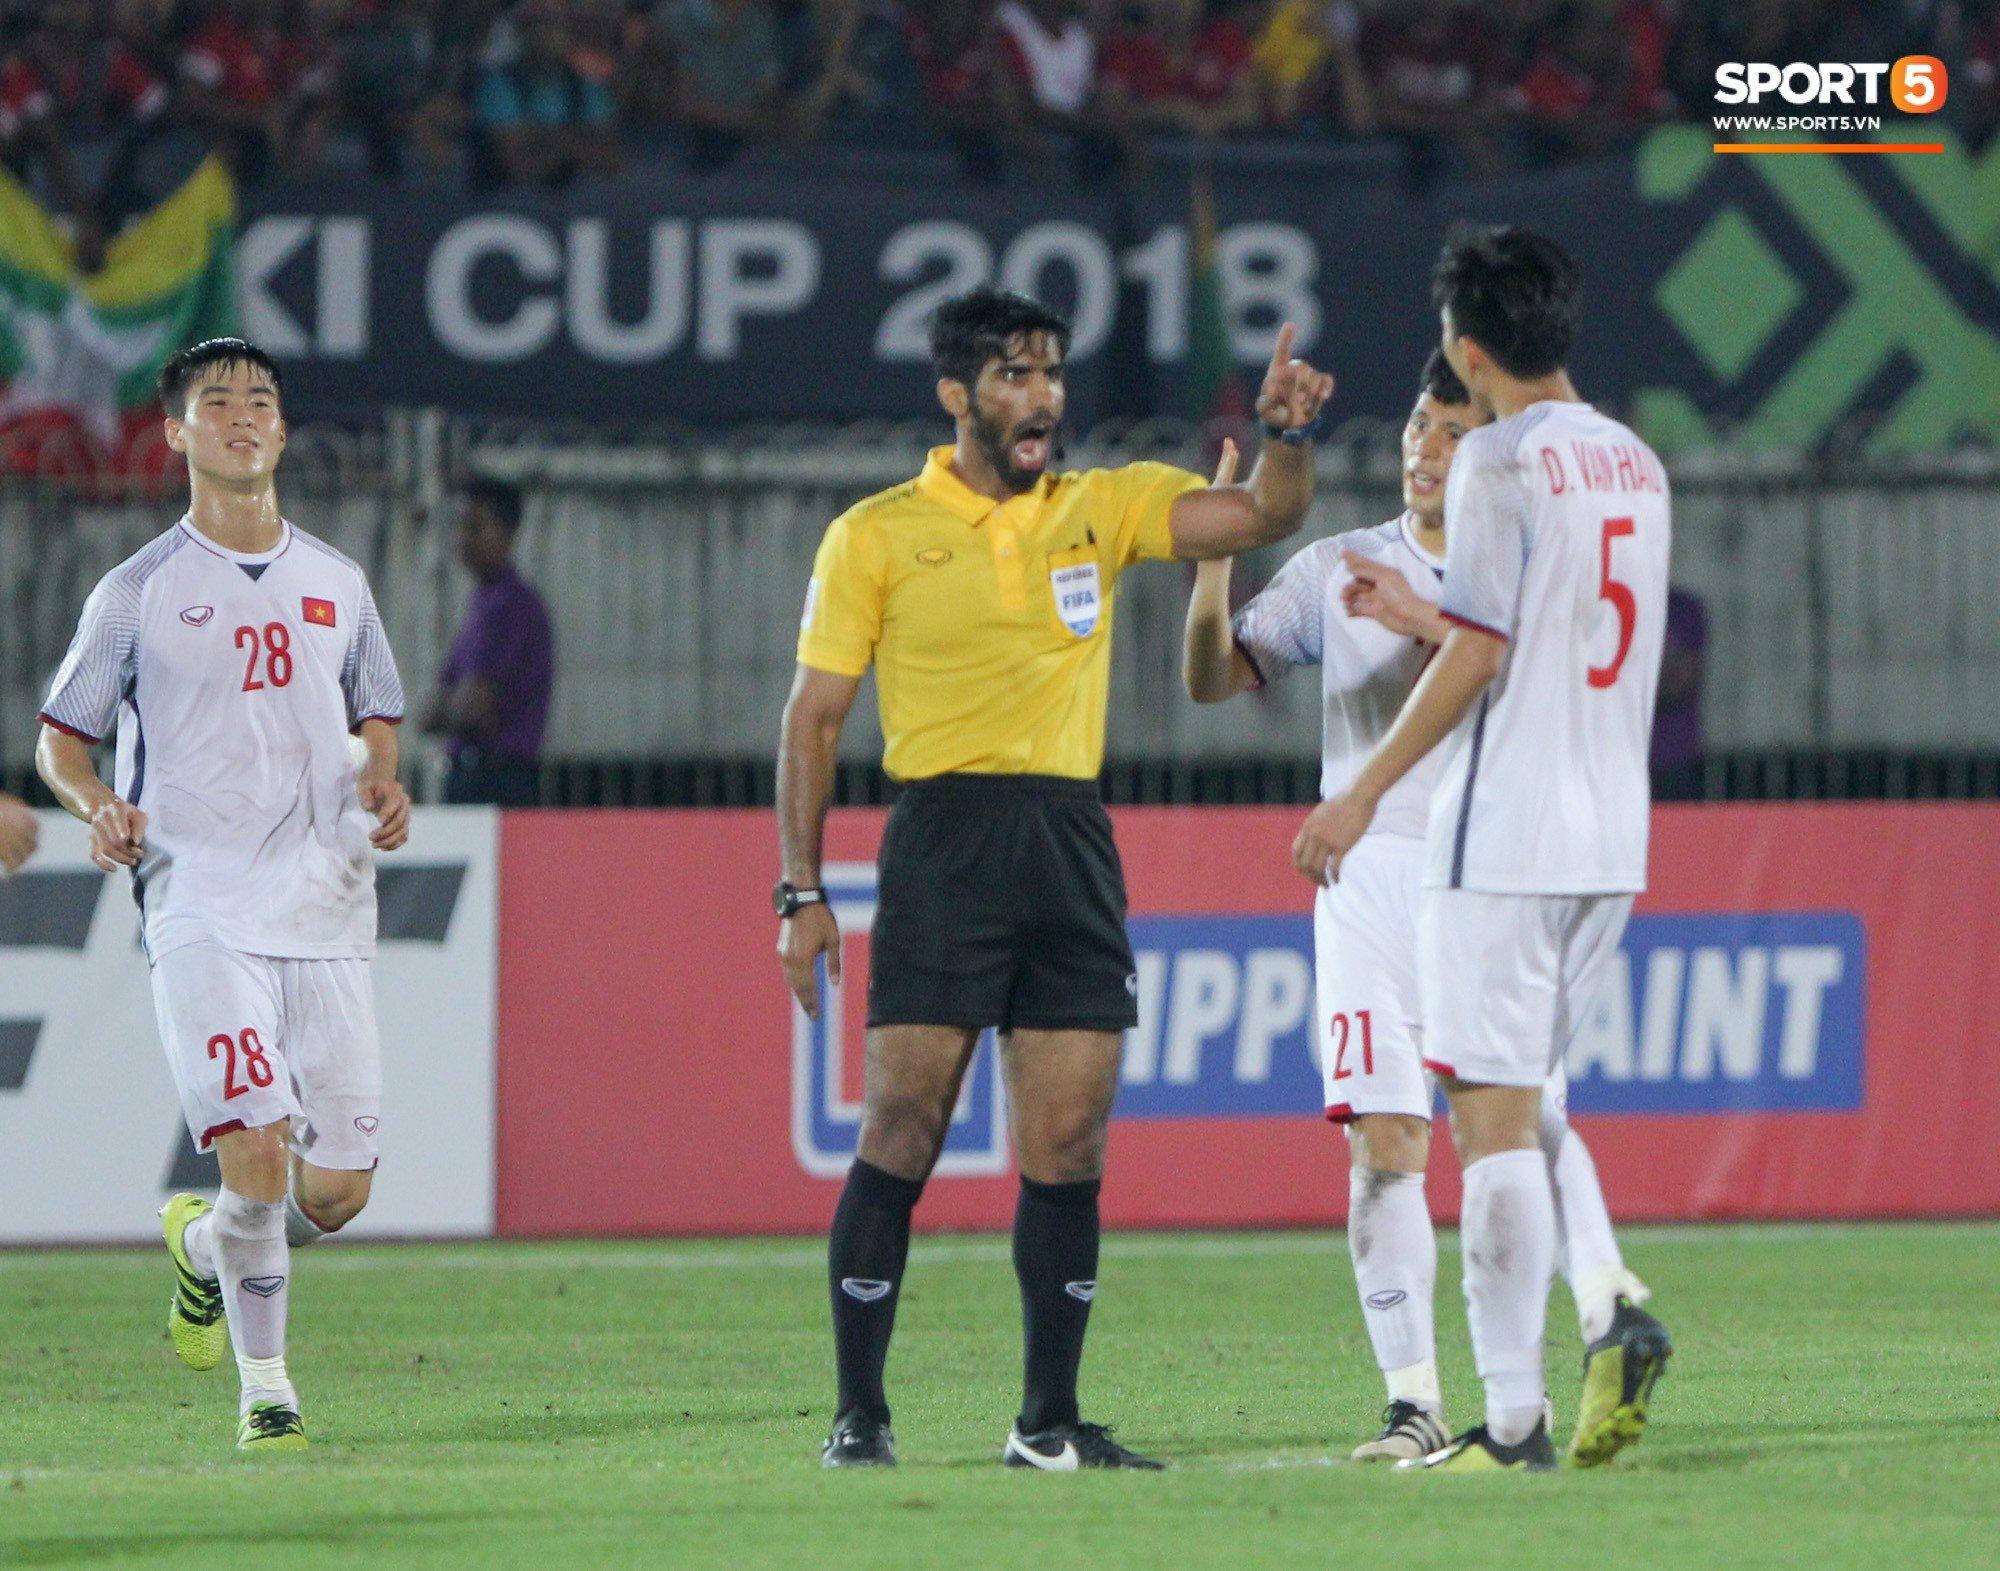 Đoàn Văn Hậu bất mãn, chỉ thẳng mặt trọng tài chính trận Myanmar vs Việt Nam 7